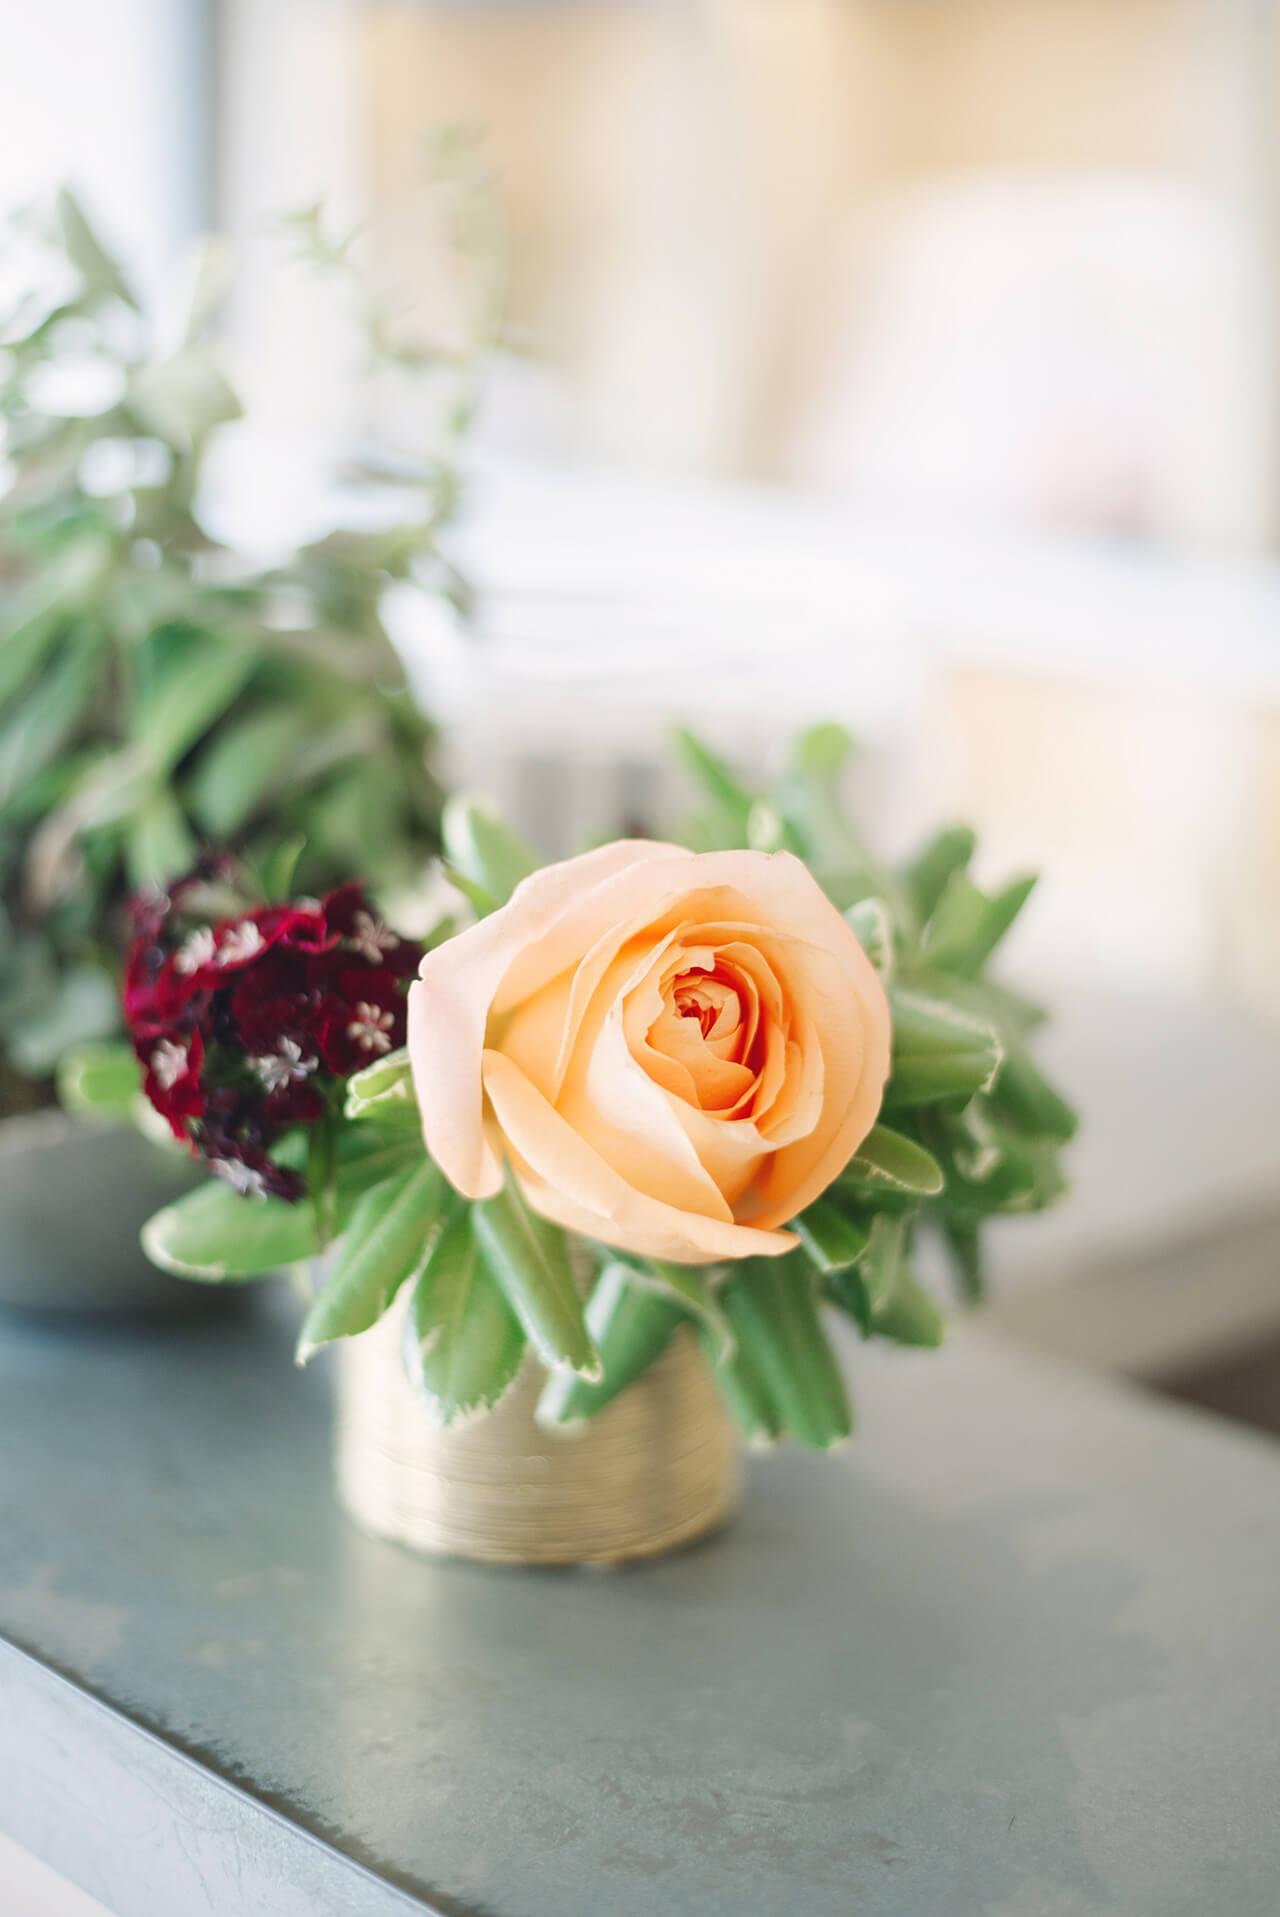 a pretty peach rose in a gold vase